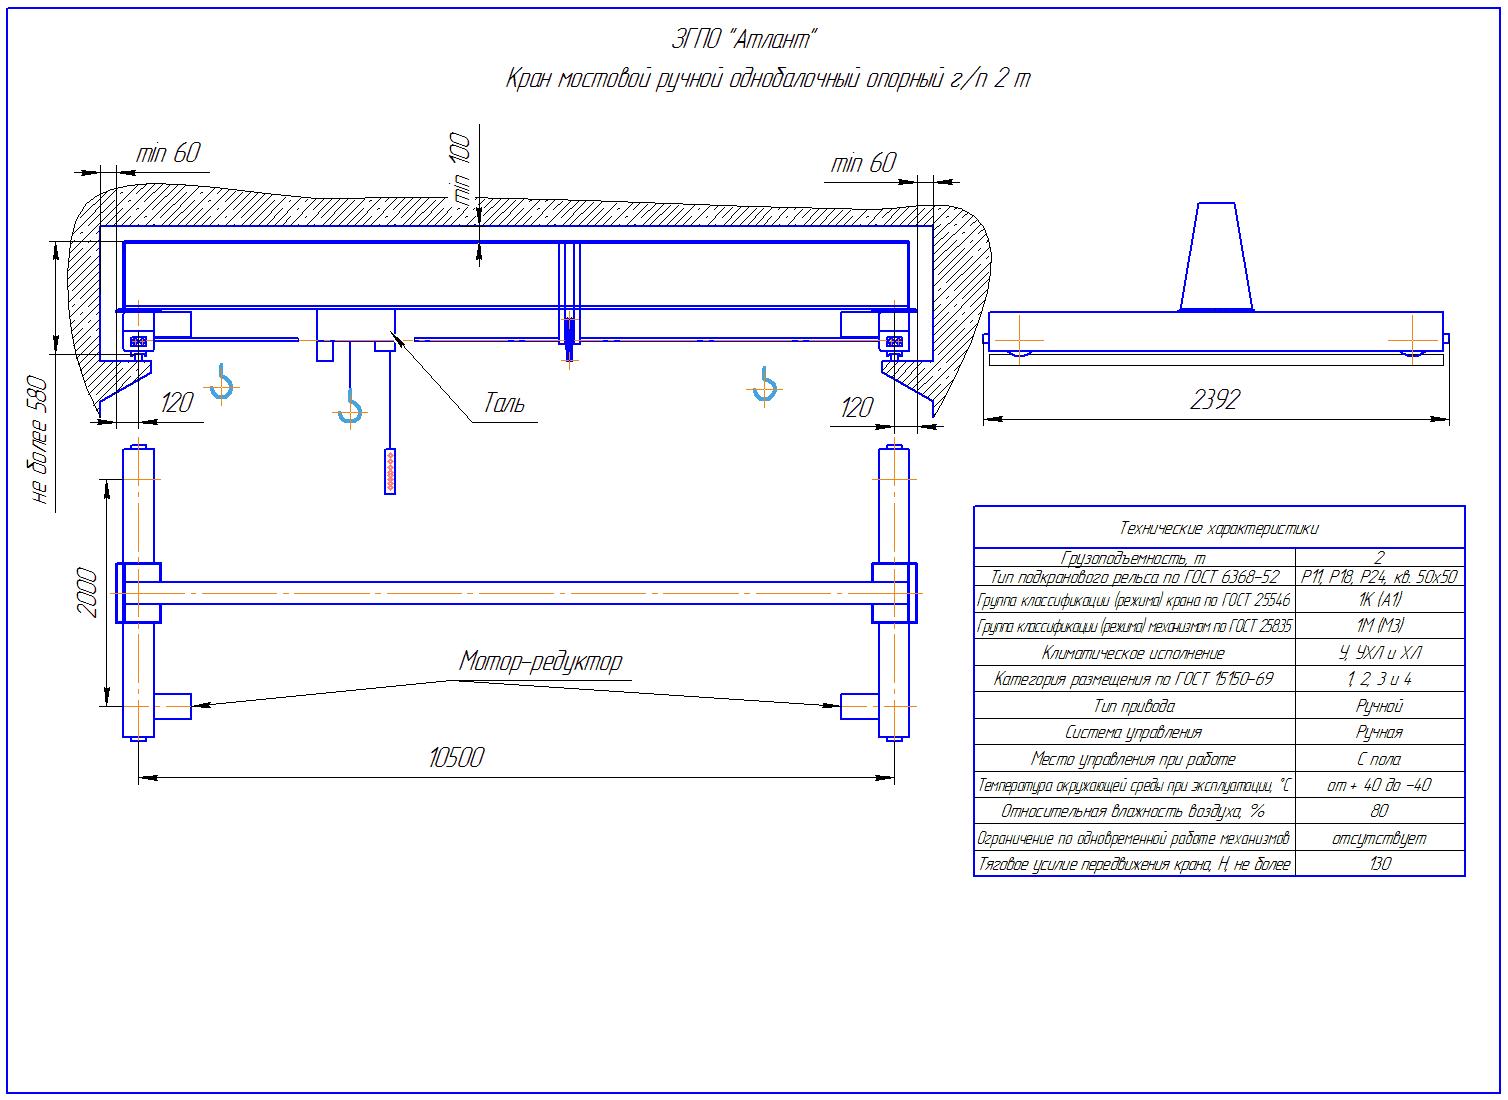 KRMOO 2 105 - Кран ручной мостовой опорный однобалочный